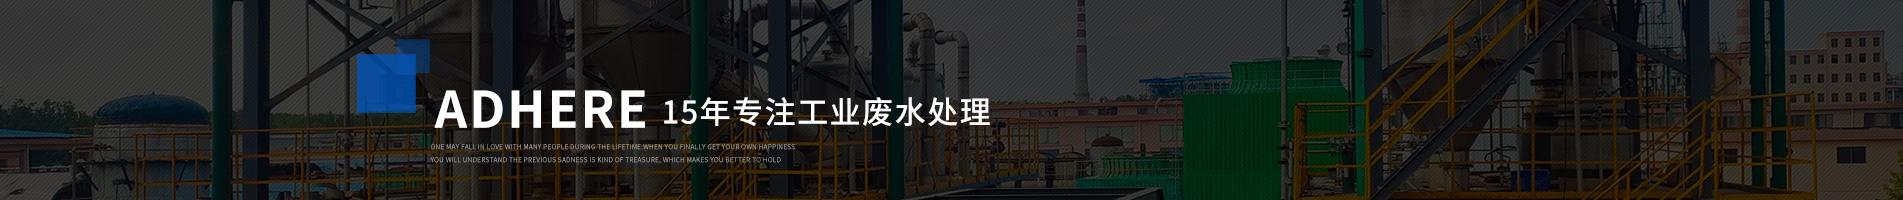 专注MVR蒸发器生产